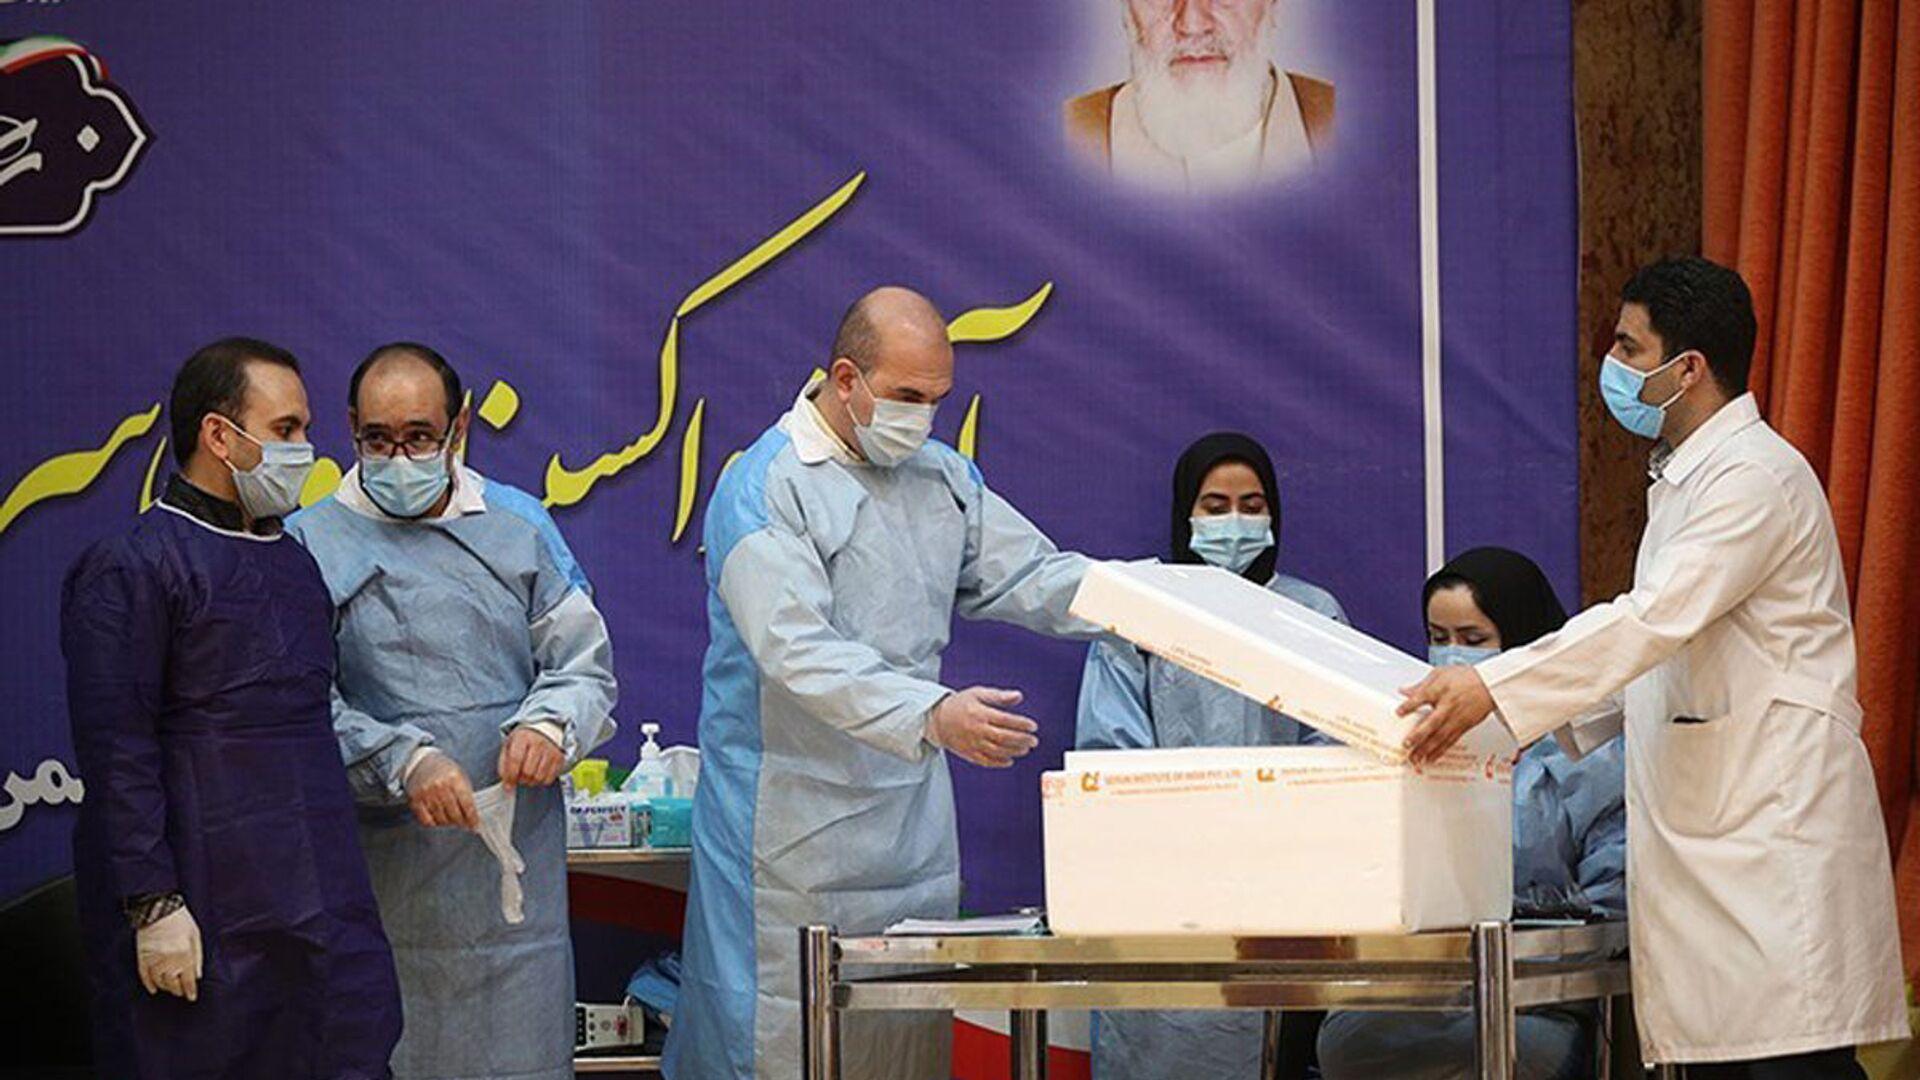 Očkování proti covidu-19 v Íránu - Sputnik Česká republika, 1920, 10.02.2021